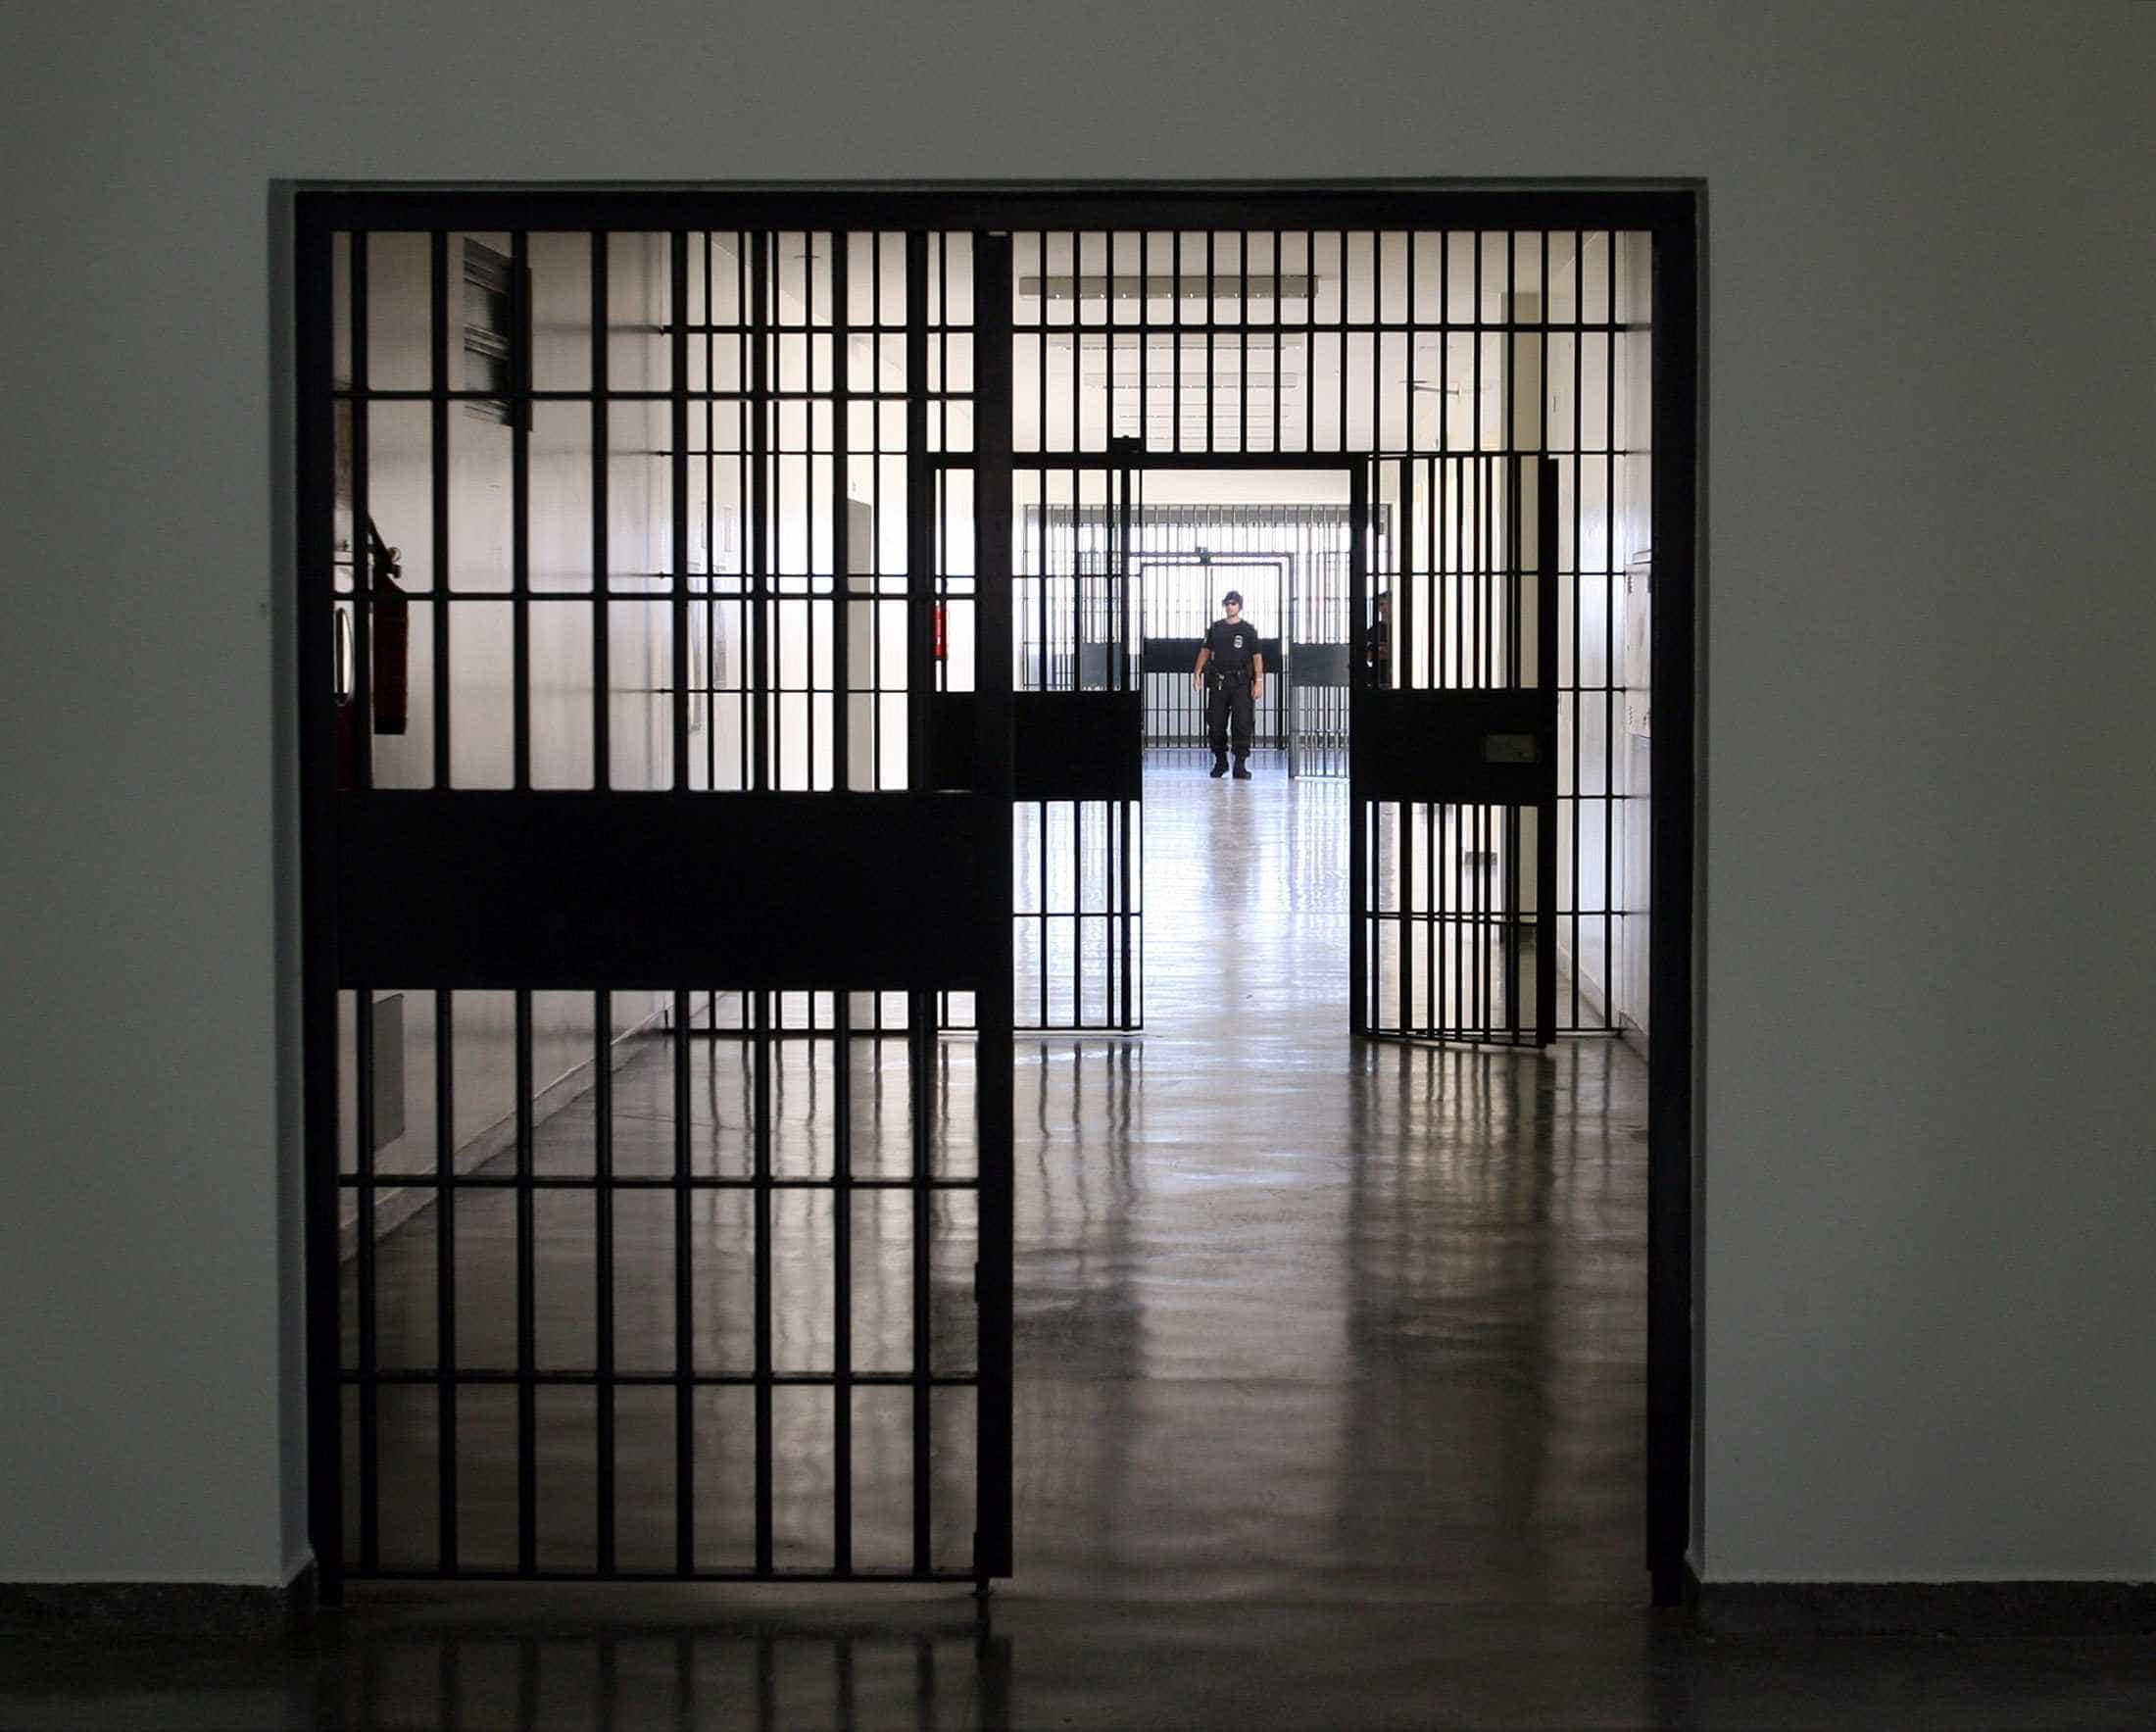 PMs se comovem com história de preso e arrecadam doações para ajudar